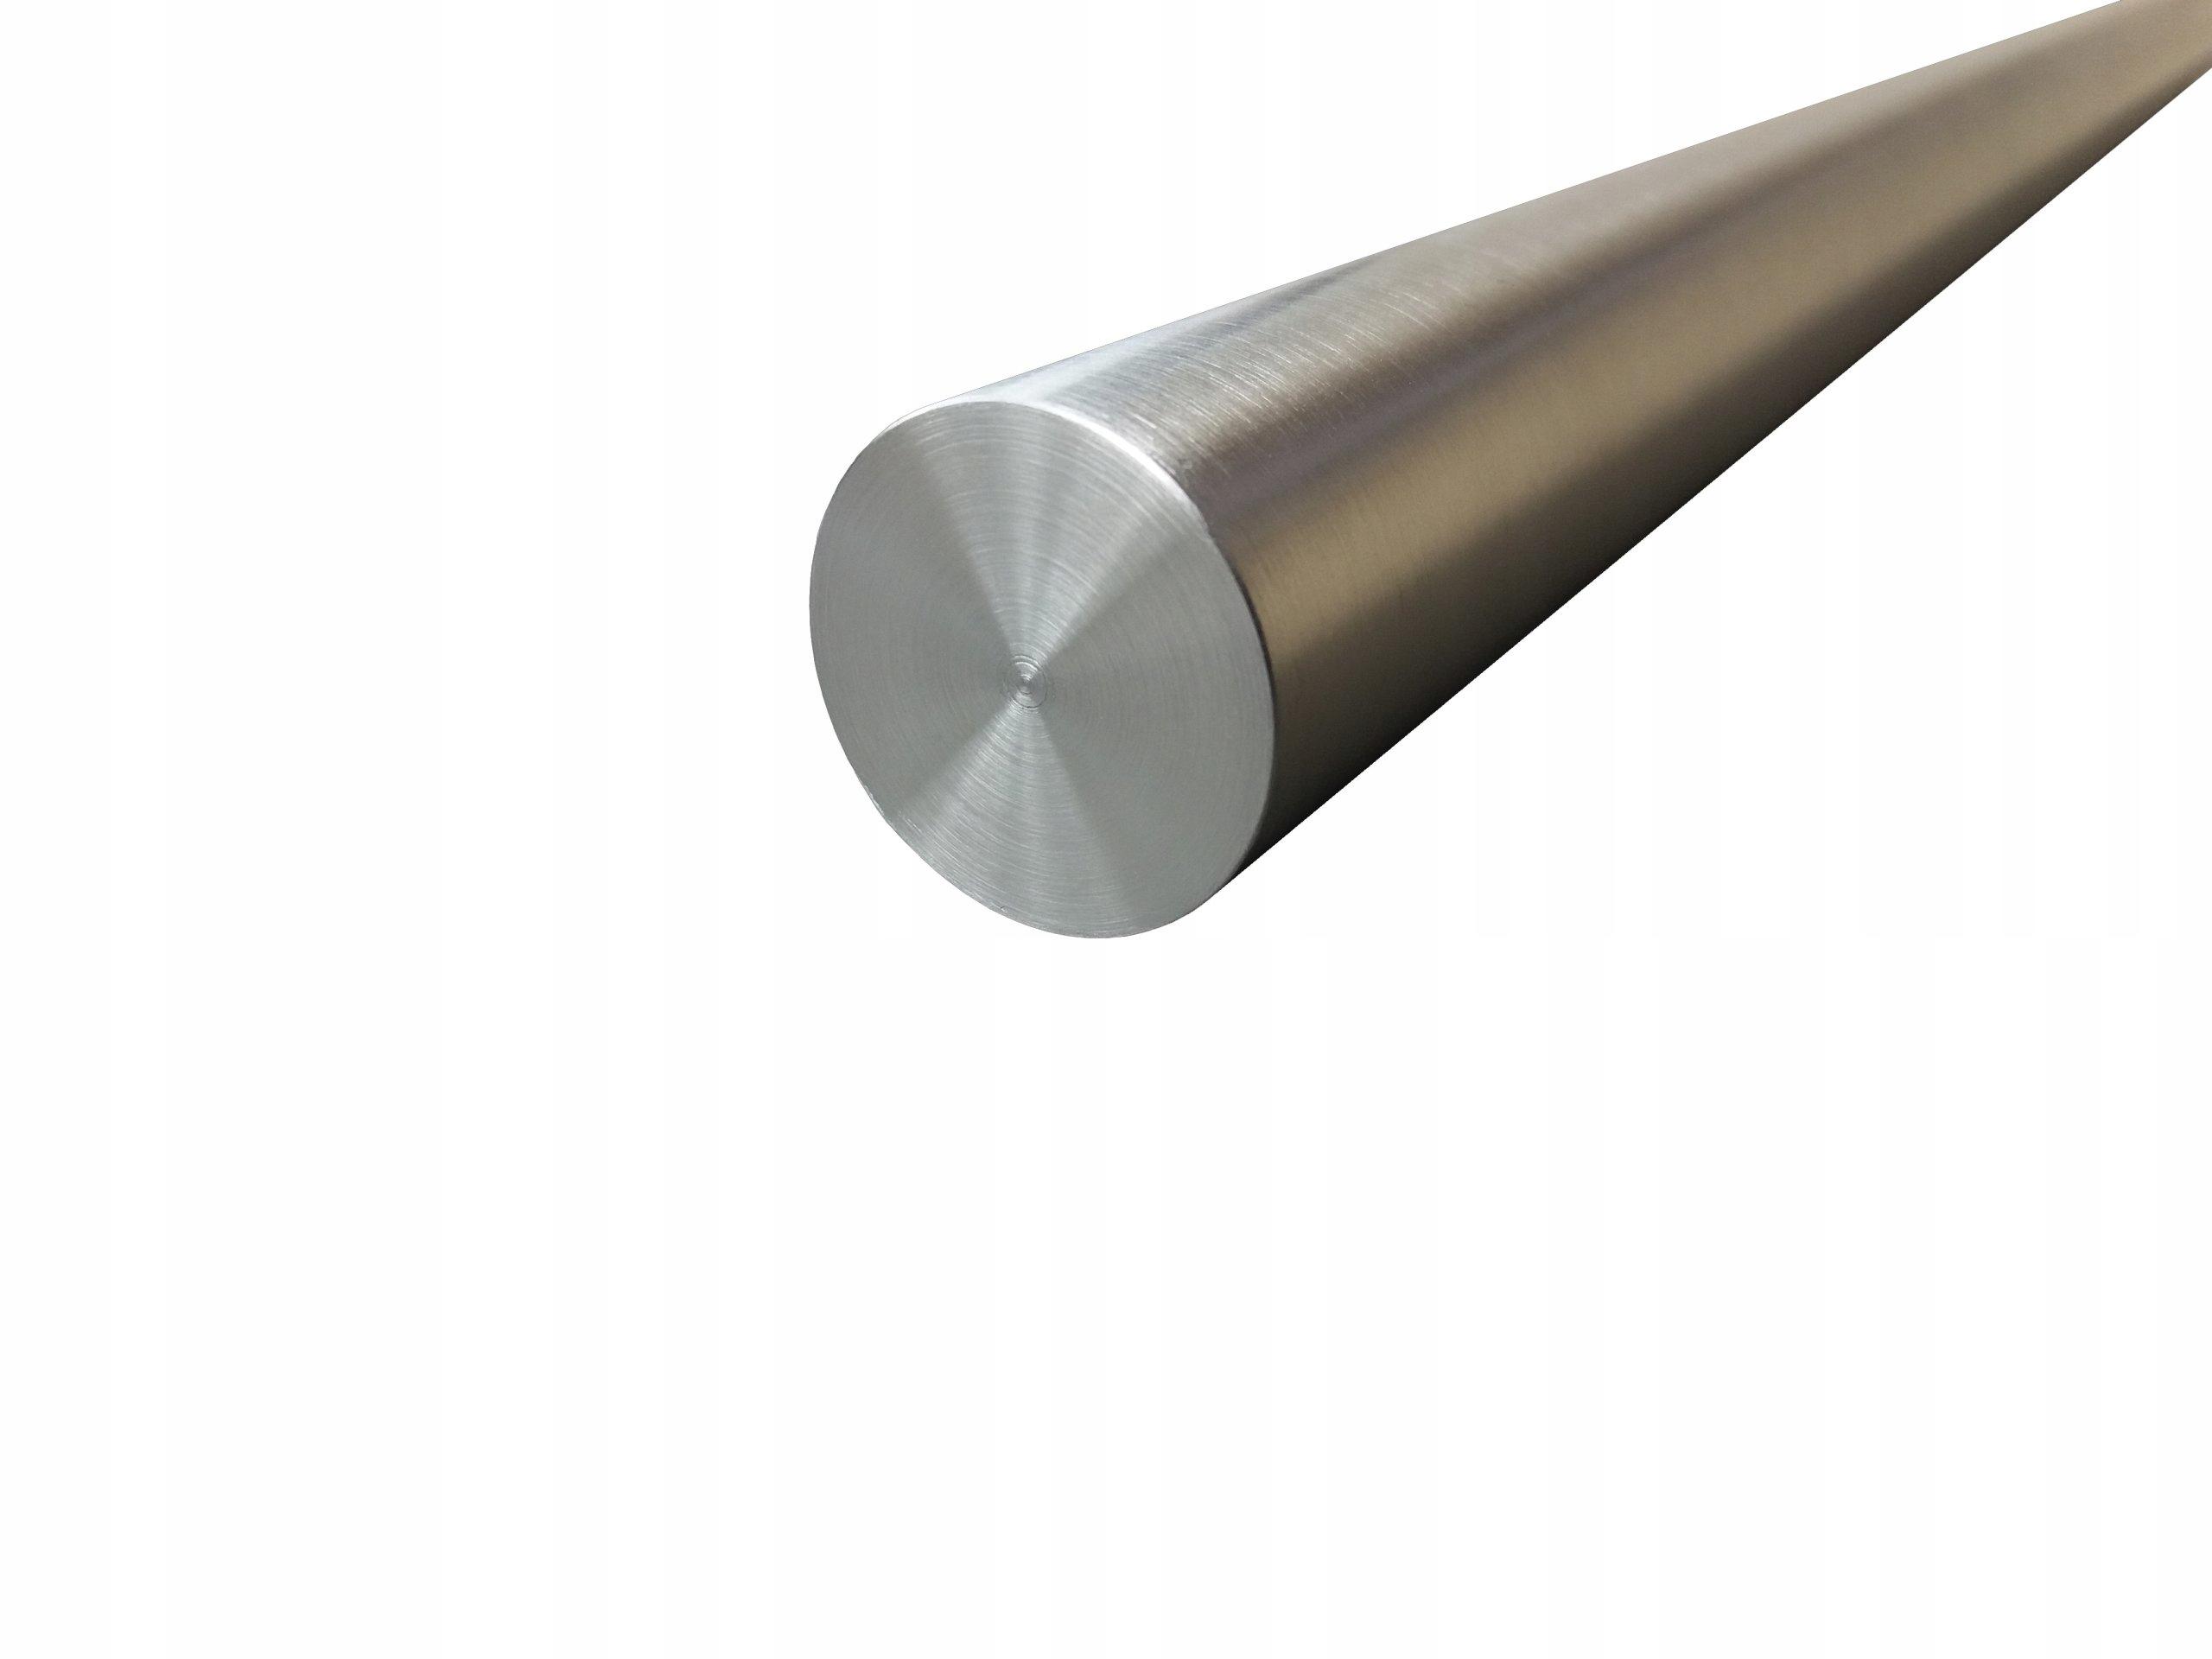 Nerezová tyčová kyselina-dôkaz FI 25 mm 20 cm inox